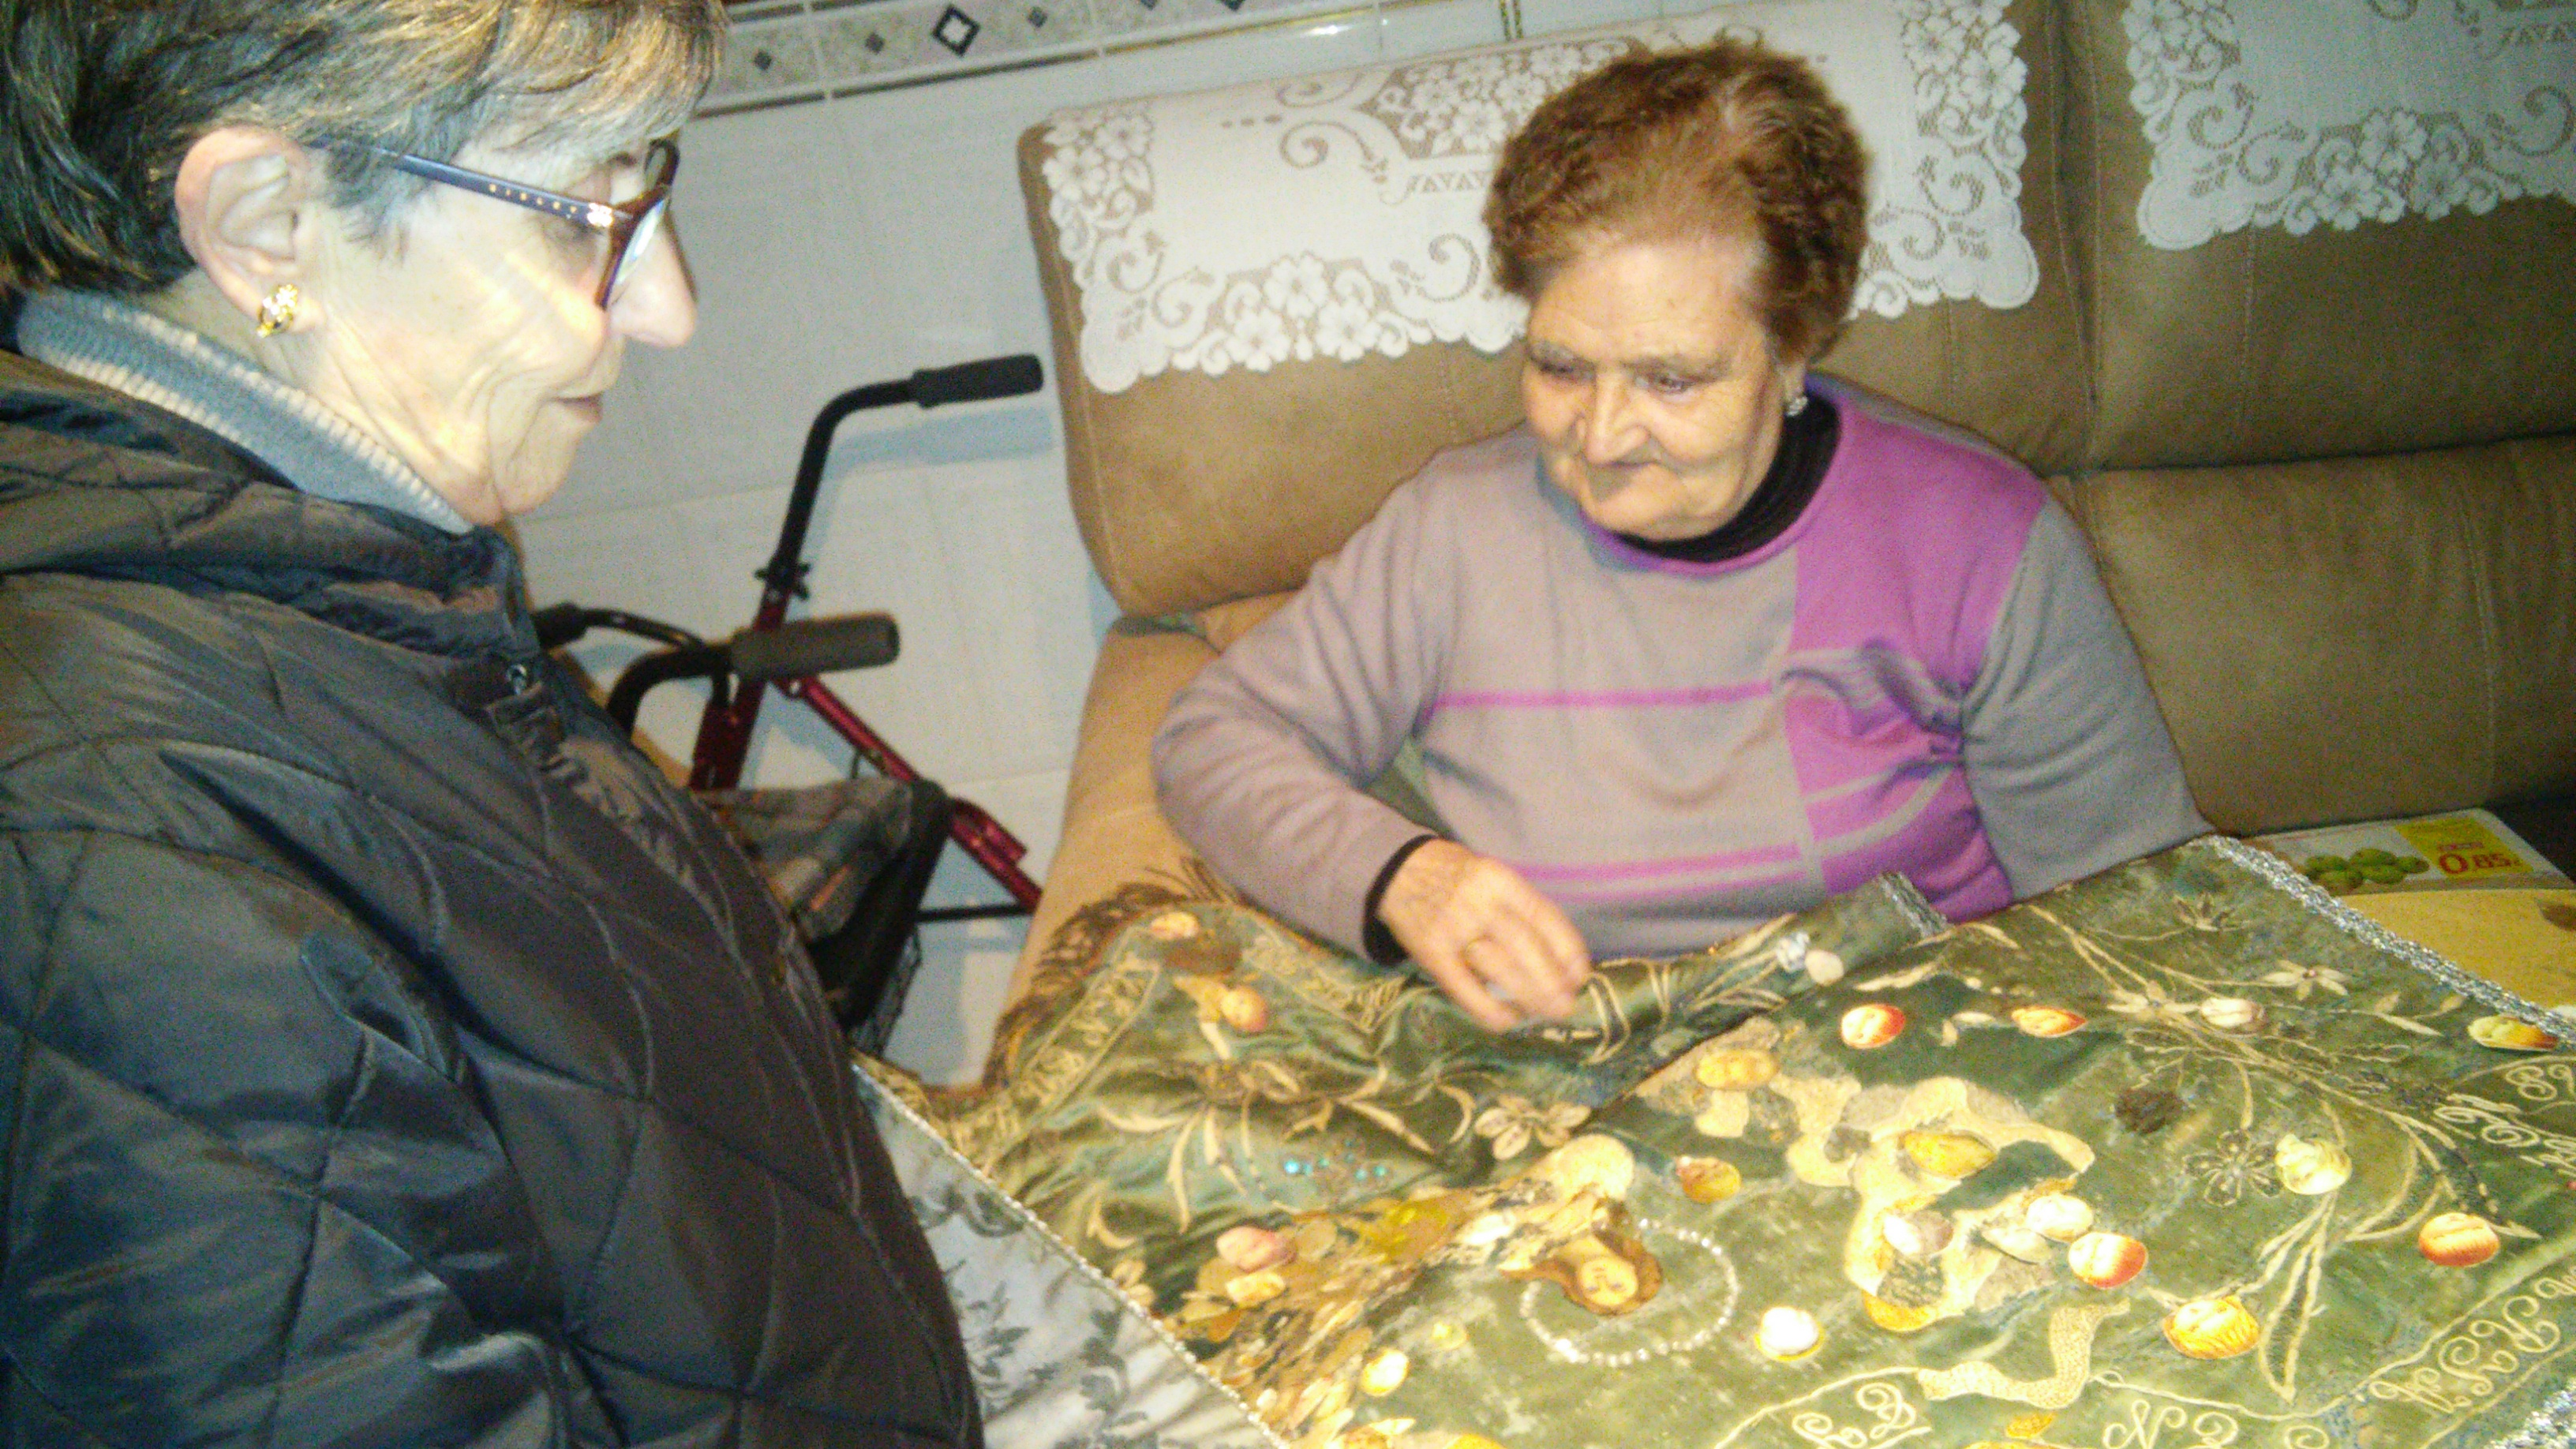 Un año más el estandarte de María visita a los mayores y enfermos de nuestro pueblo